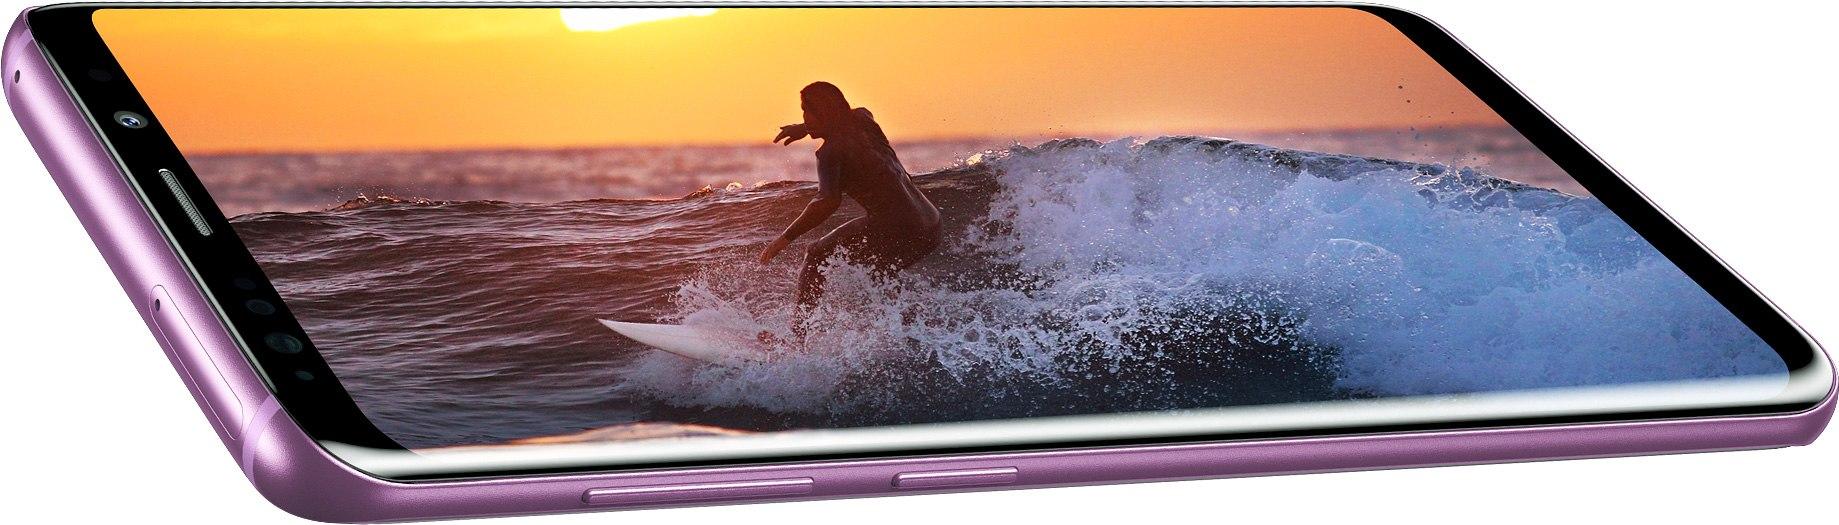 Galaxy S9, il suo tallone d'Achille è la batteria